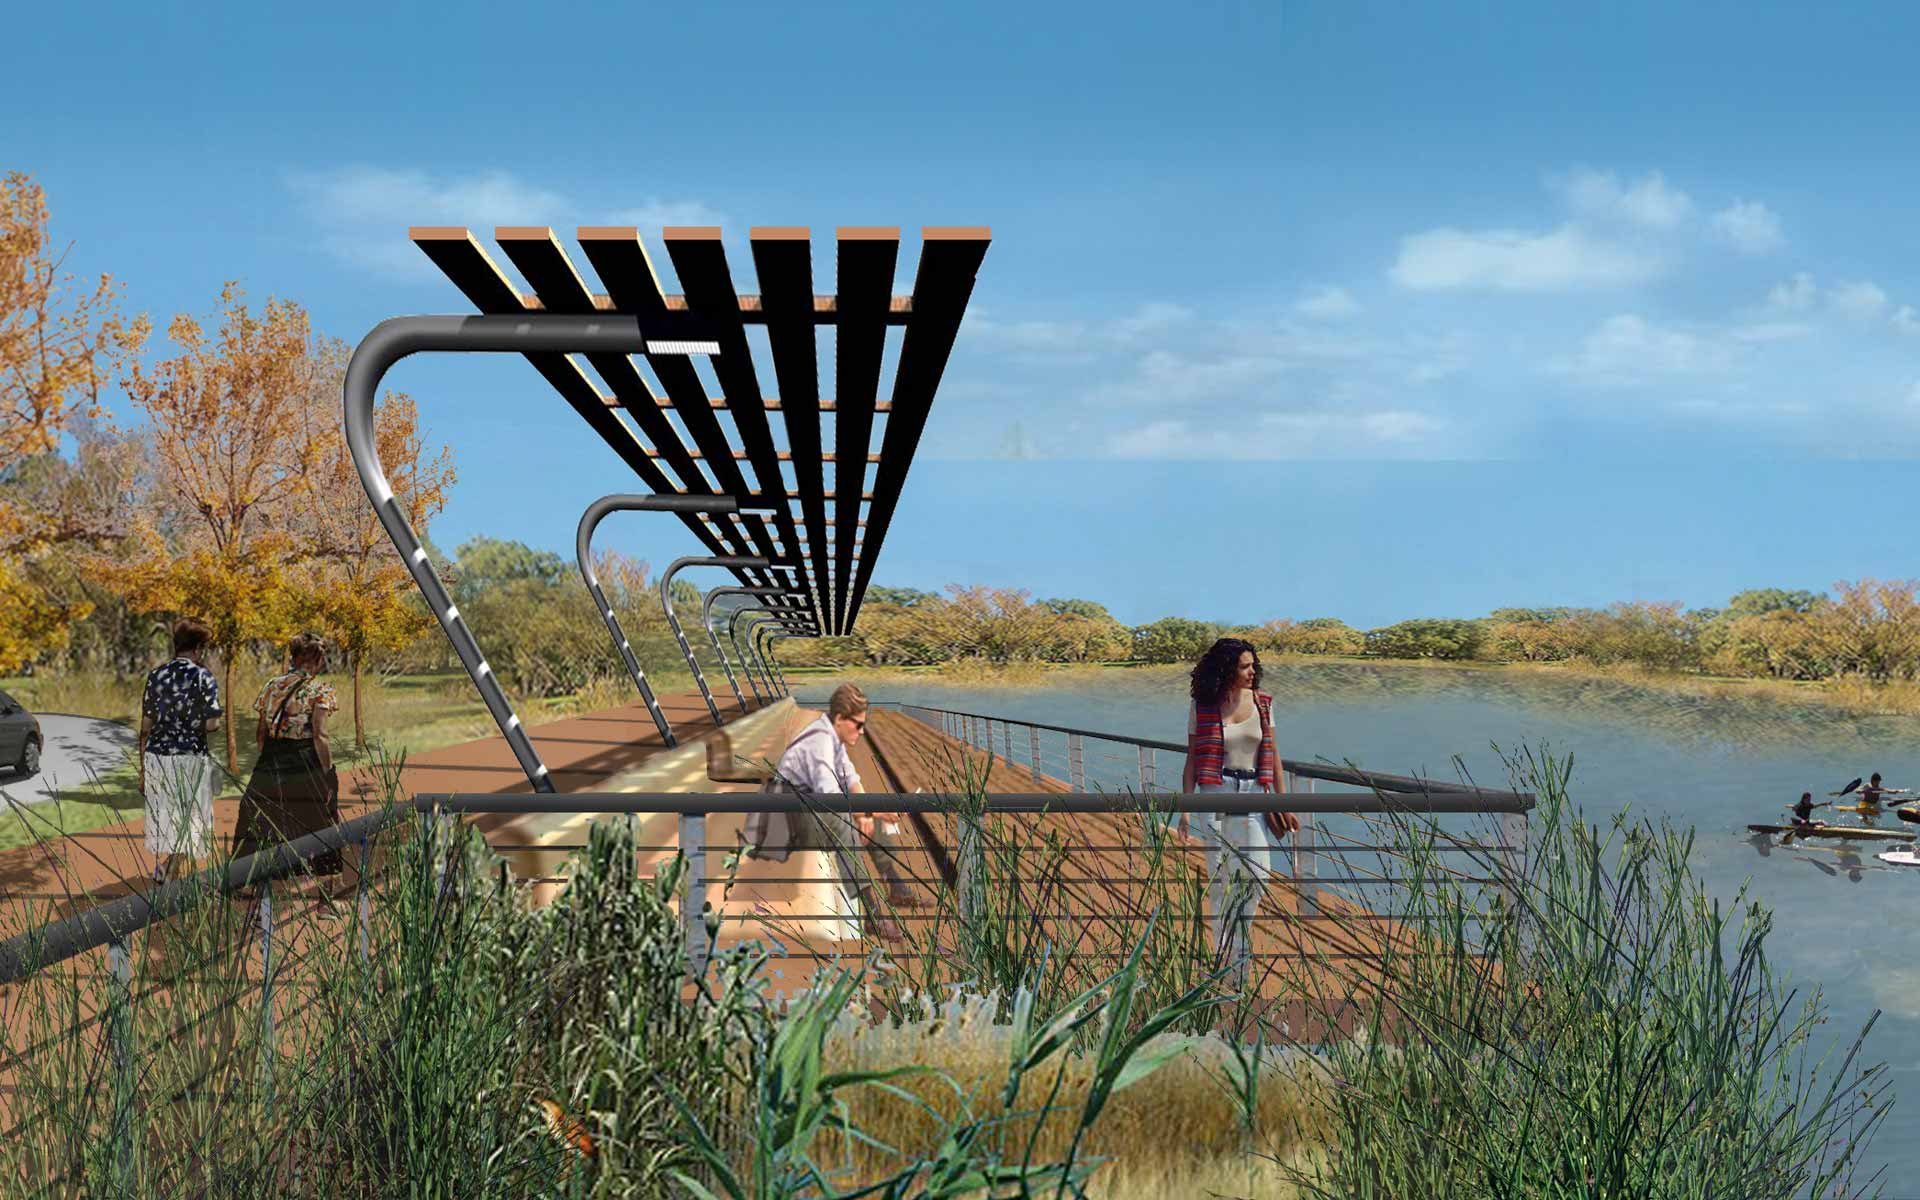 Paisagismo Concurso deck e pérgola de madeira de frente para o rio